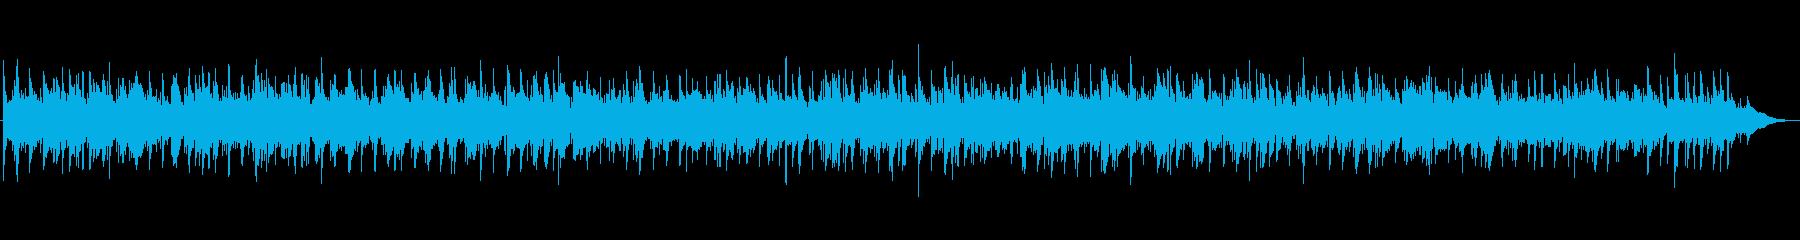 秋風を感じるようなアコギのBGMの再生済みの波形